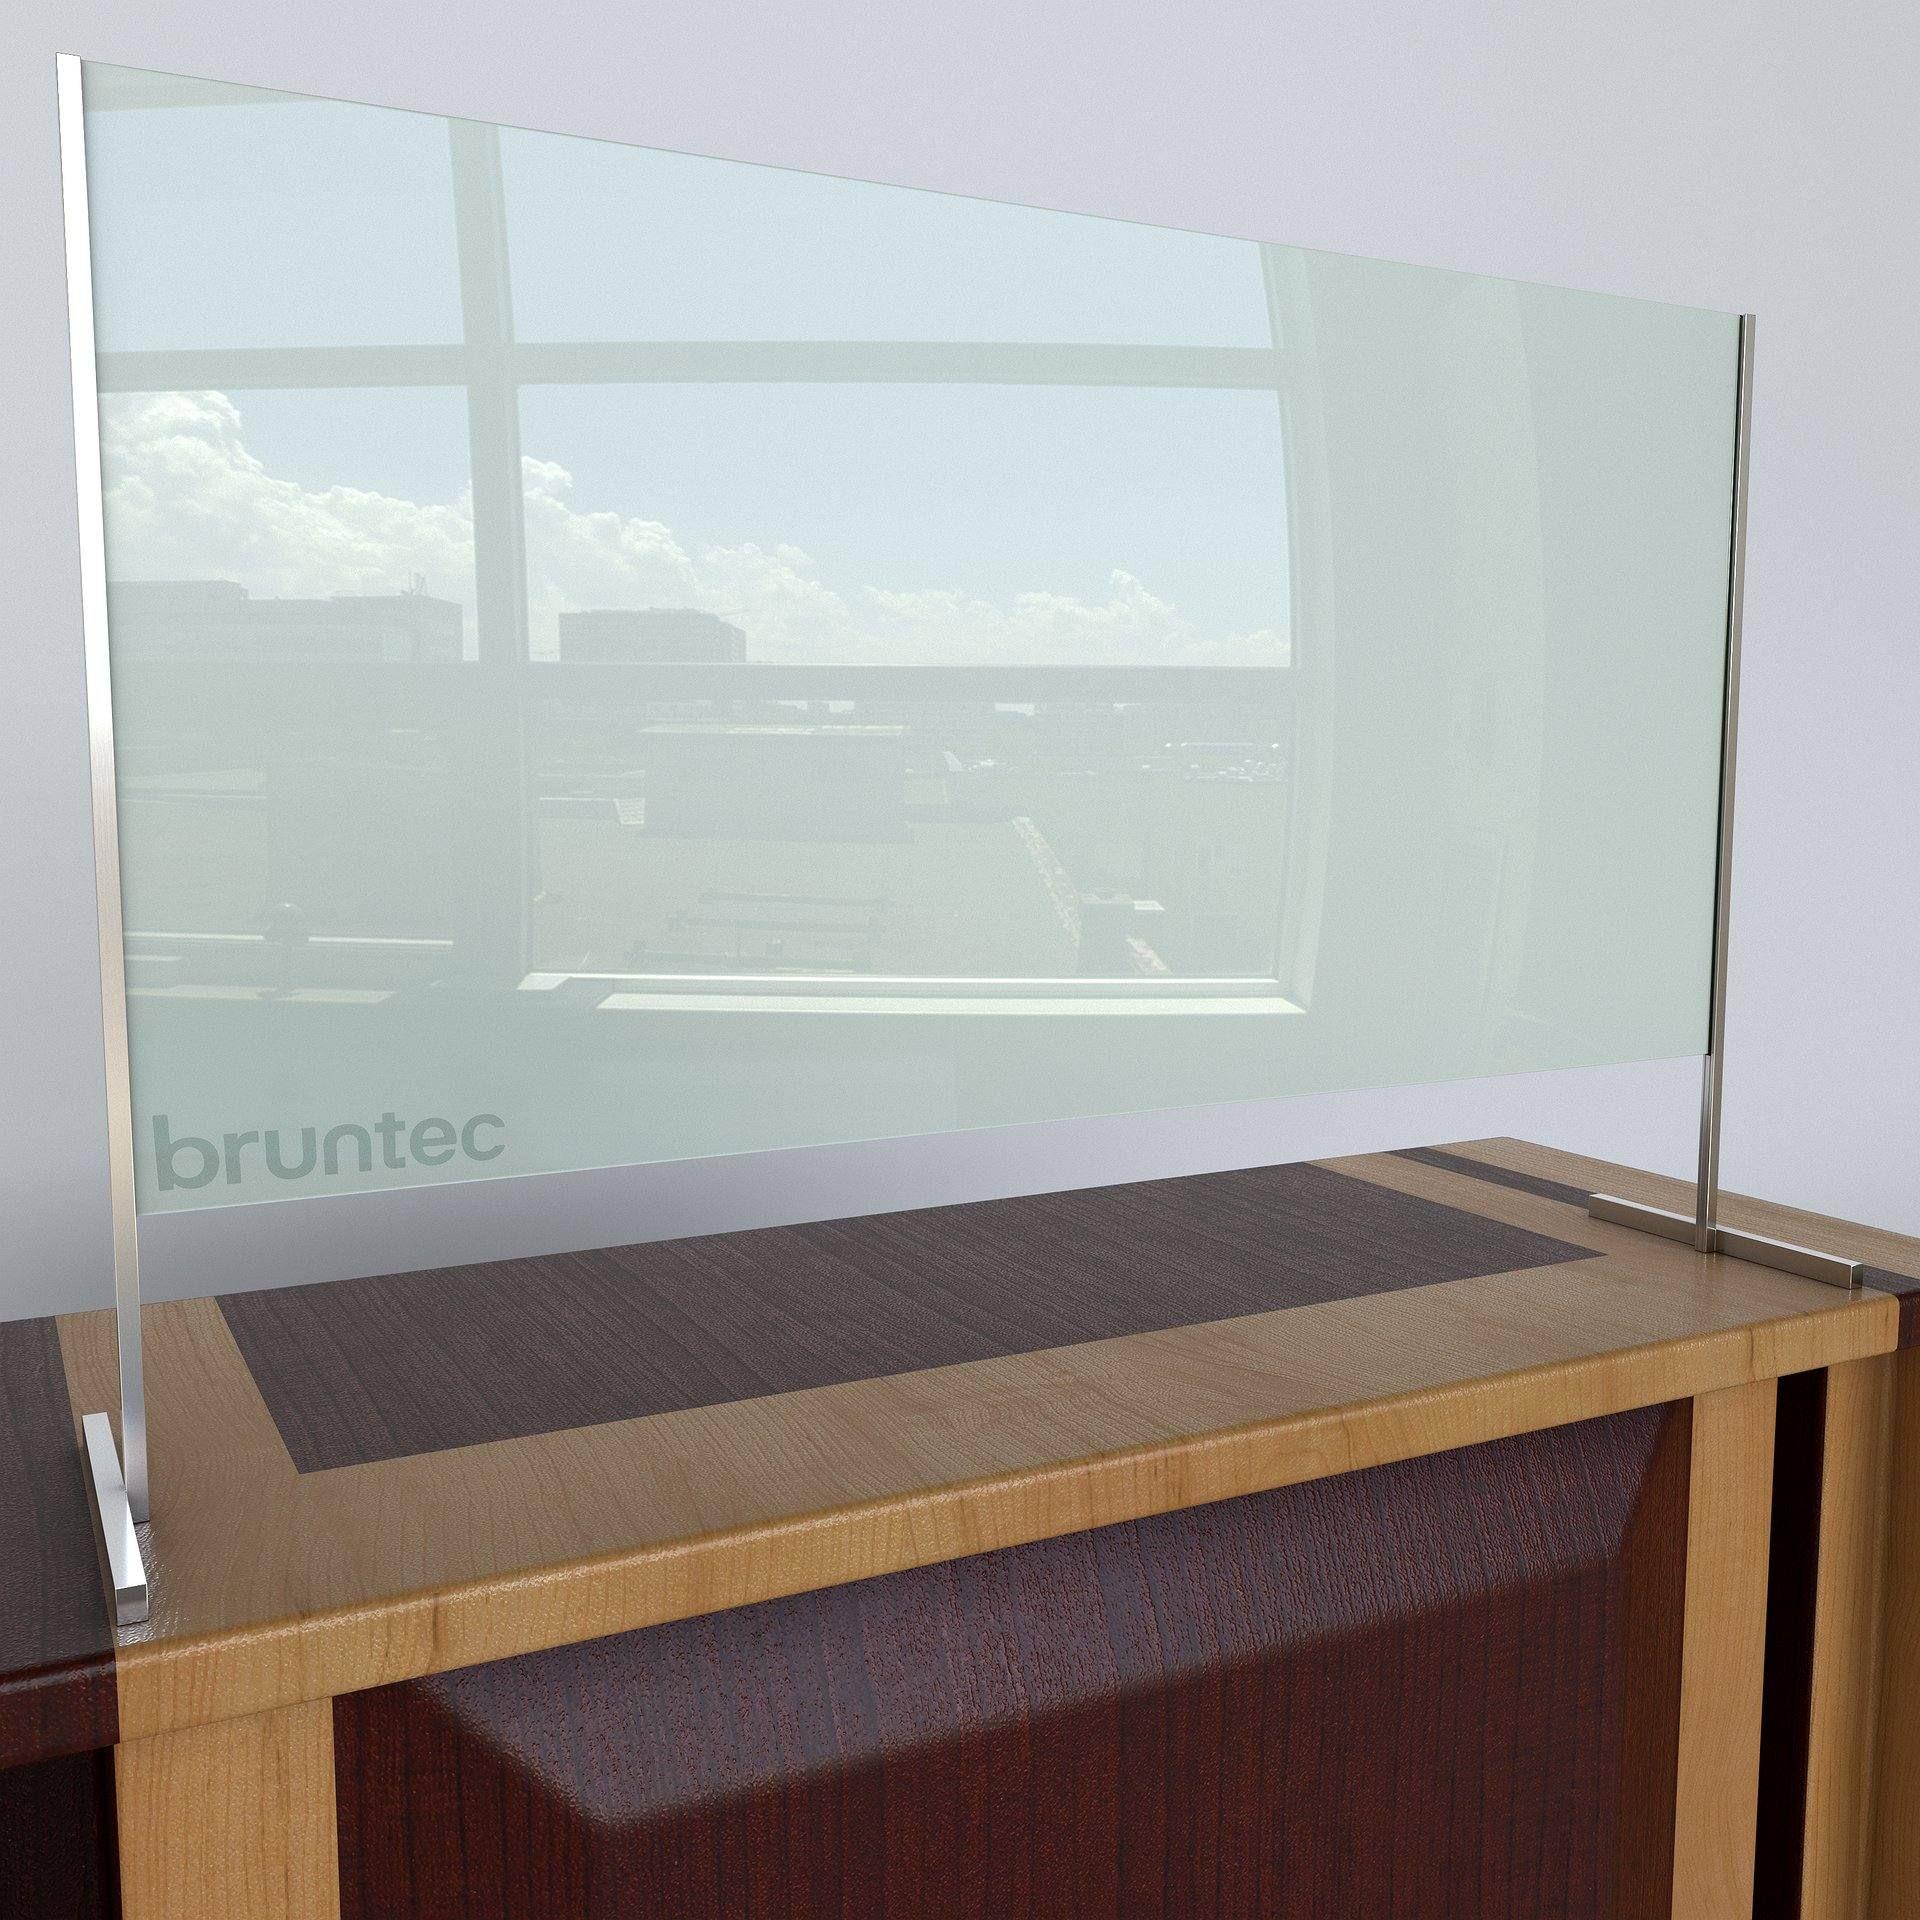 Mampara Separadora De Protección De Cristal 70 Cm Alto Sin Ventana Basic Plata Brillo De Bruntec Ventanas Mampara De Cristal Vidrio Templado